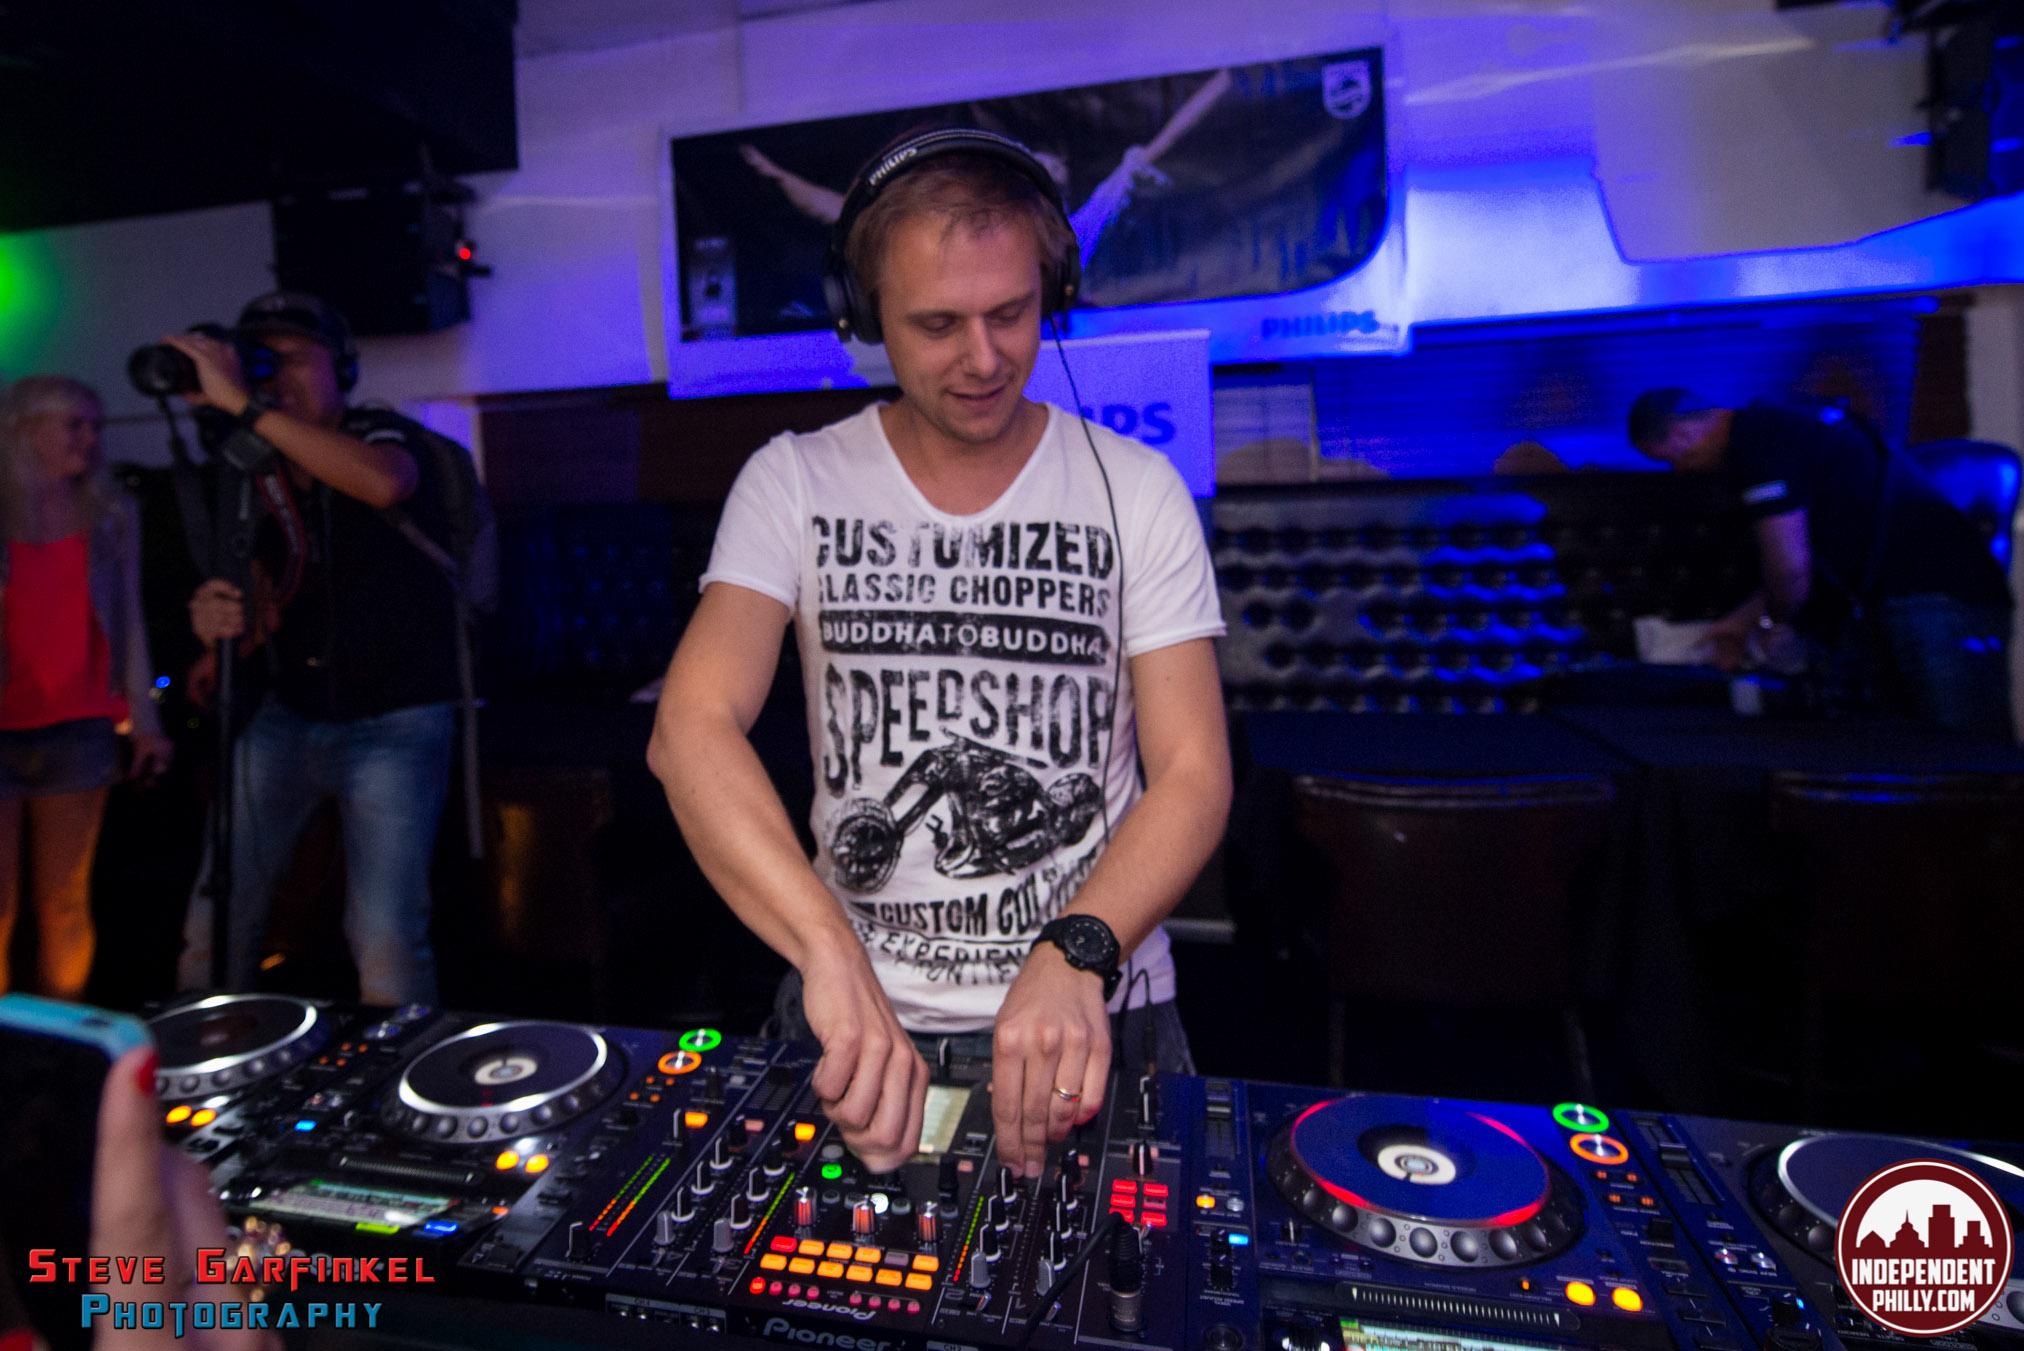 Armin-42